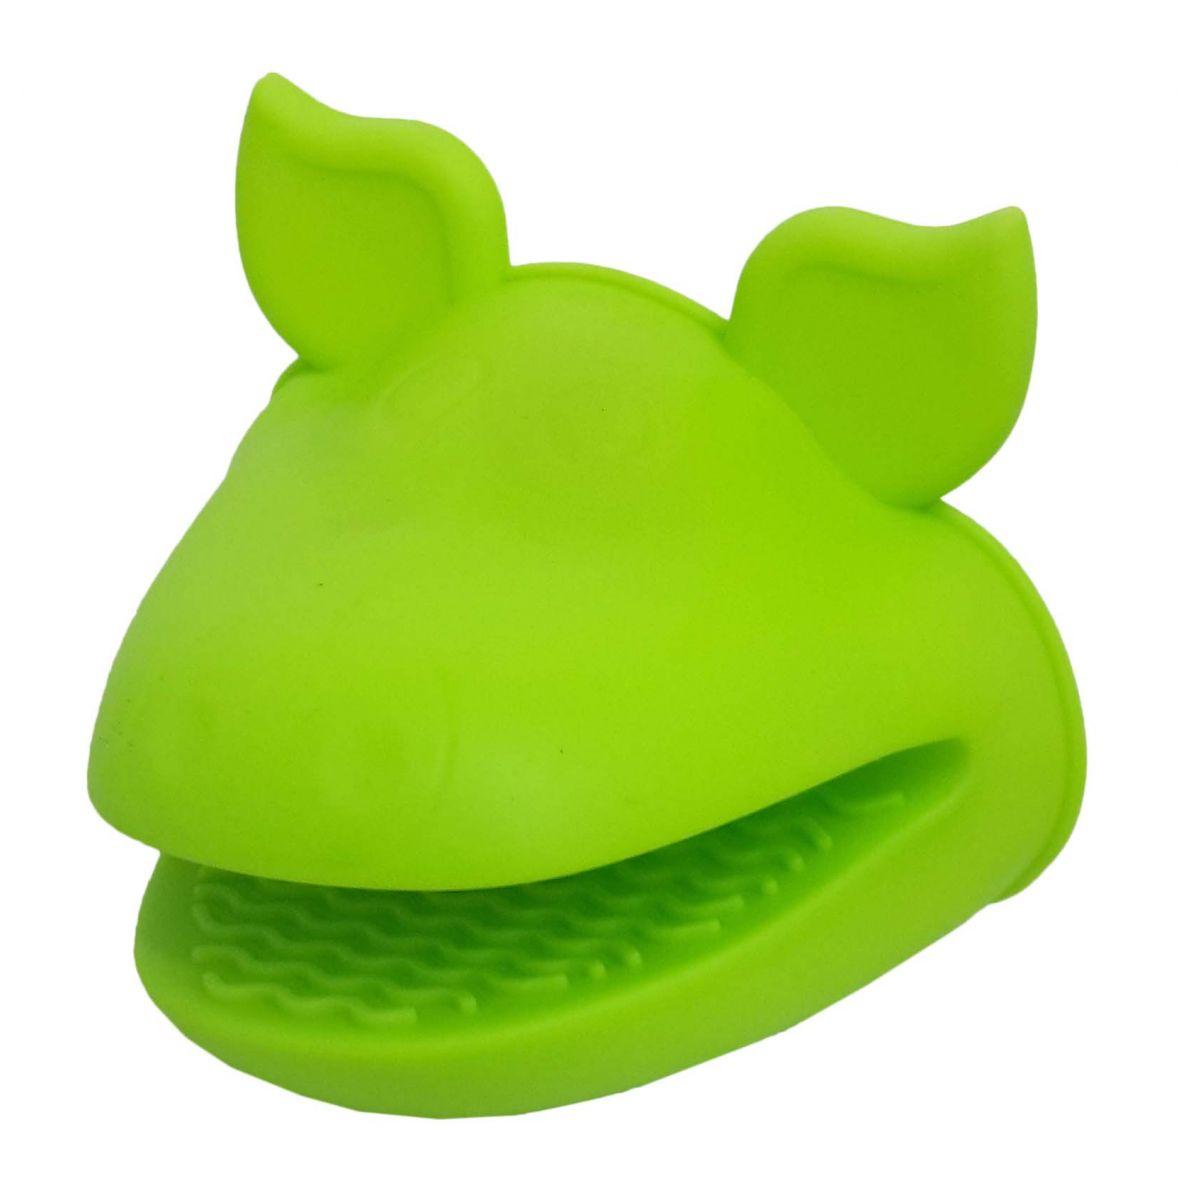 Kit 2 Luvas Termica De Silicone Pegador Fogao Forno Cozinha Par Verde (sili-8)